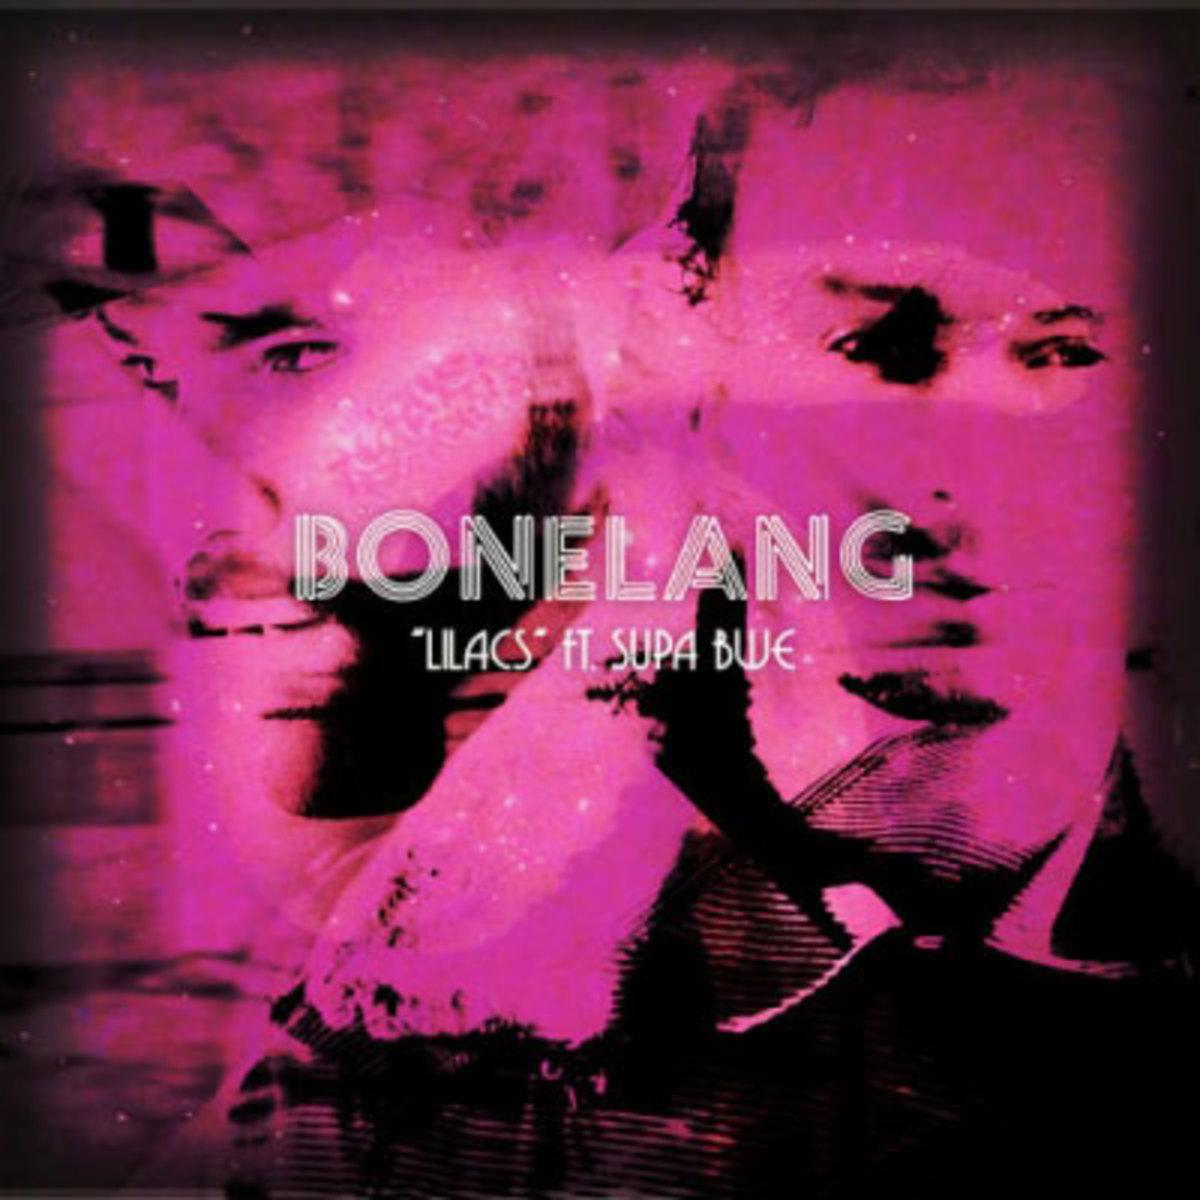 bonelang-lilacs.jpg